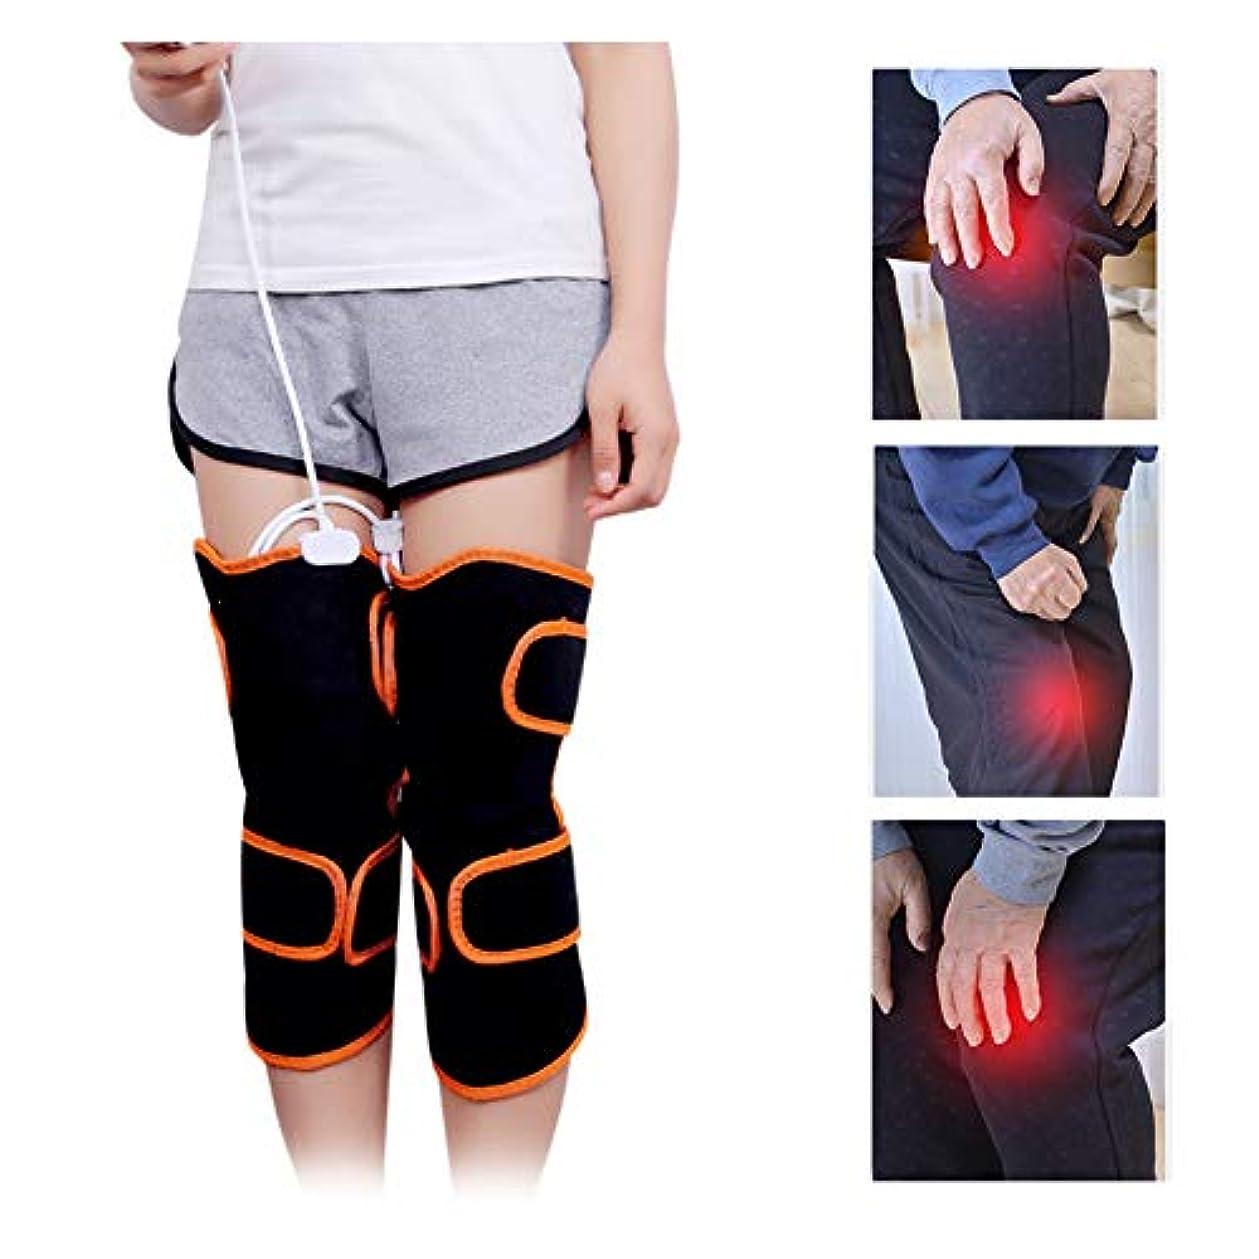 役職悪魔ワイド暖房膝ブレースラップサポート - 膝温熱パッド - 9マッサージモードと膝のけが、痛みを軽減するための5つの速度で治療マッサージャー